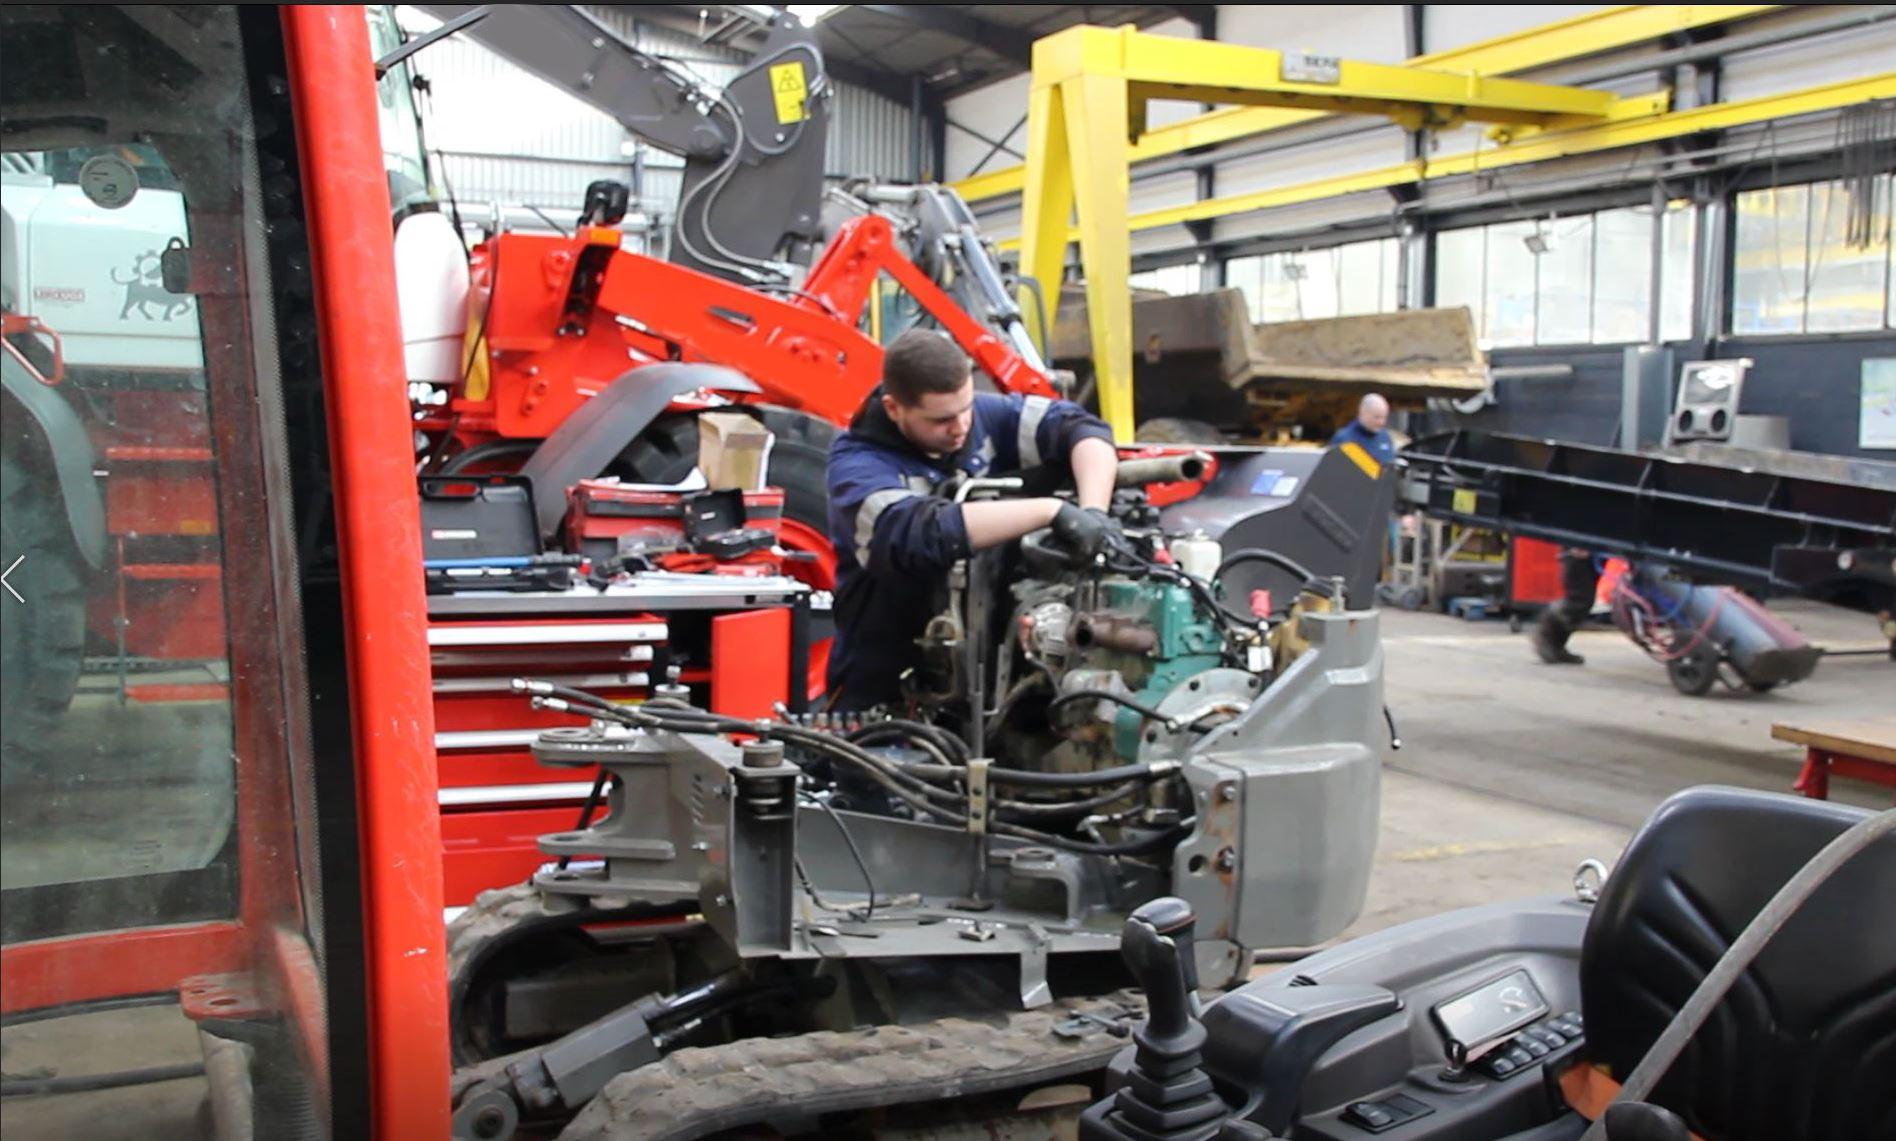 technicien mécanicien réparation machine